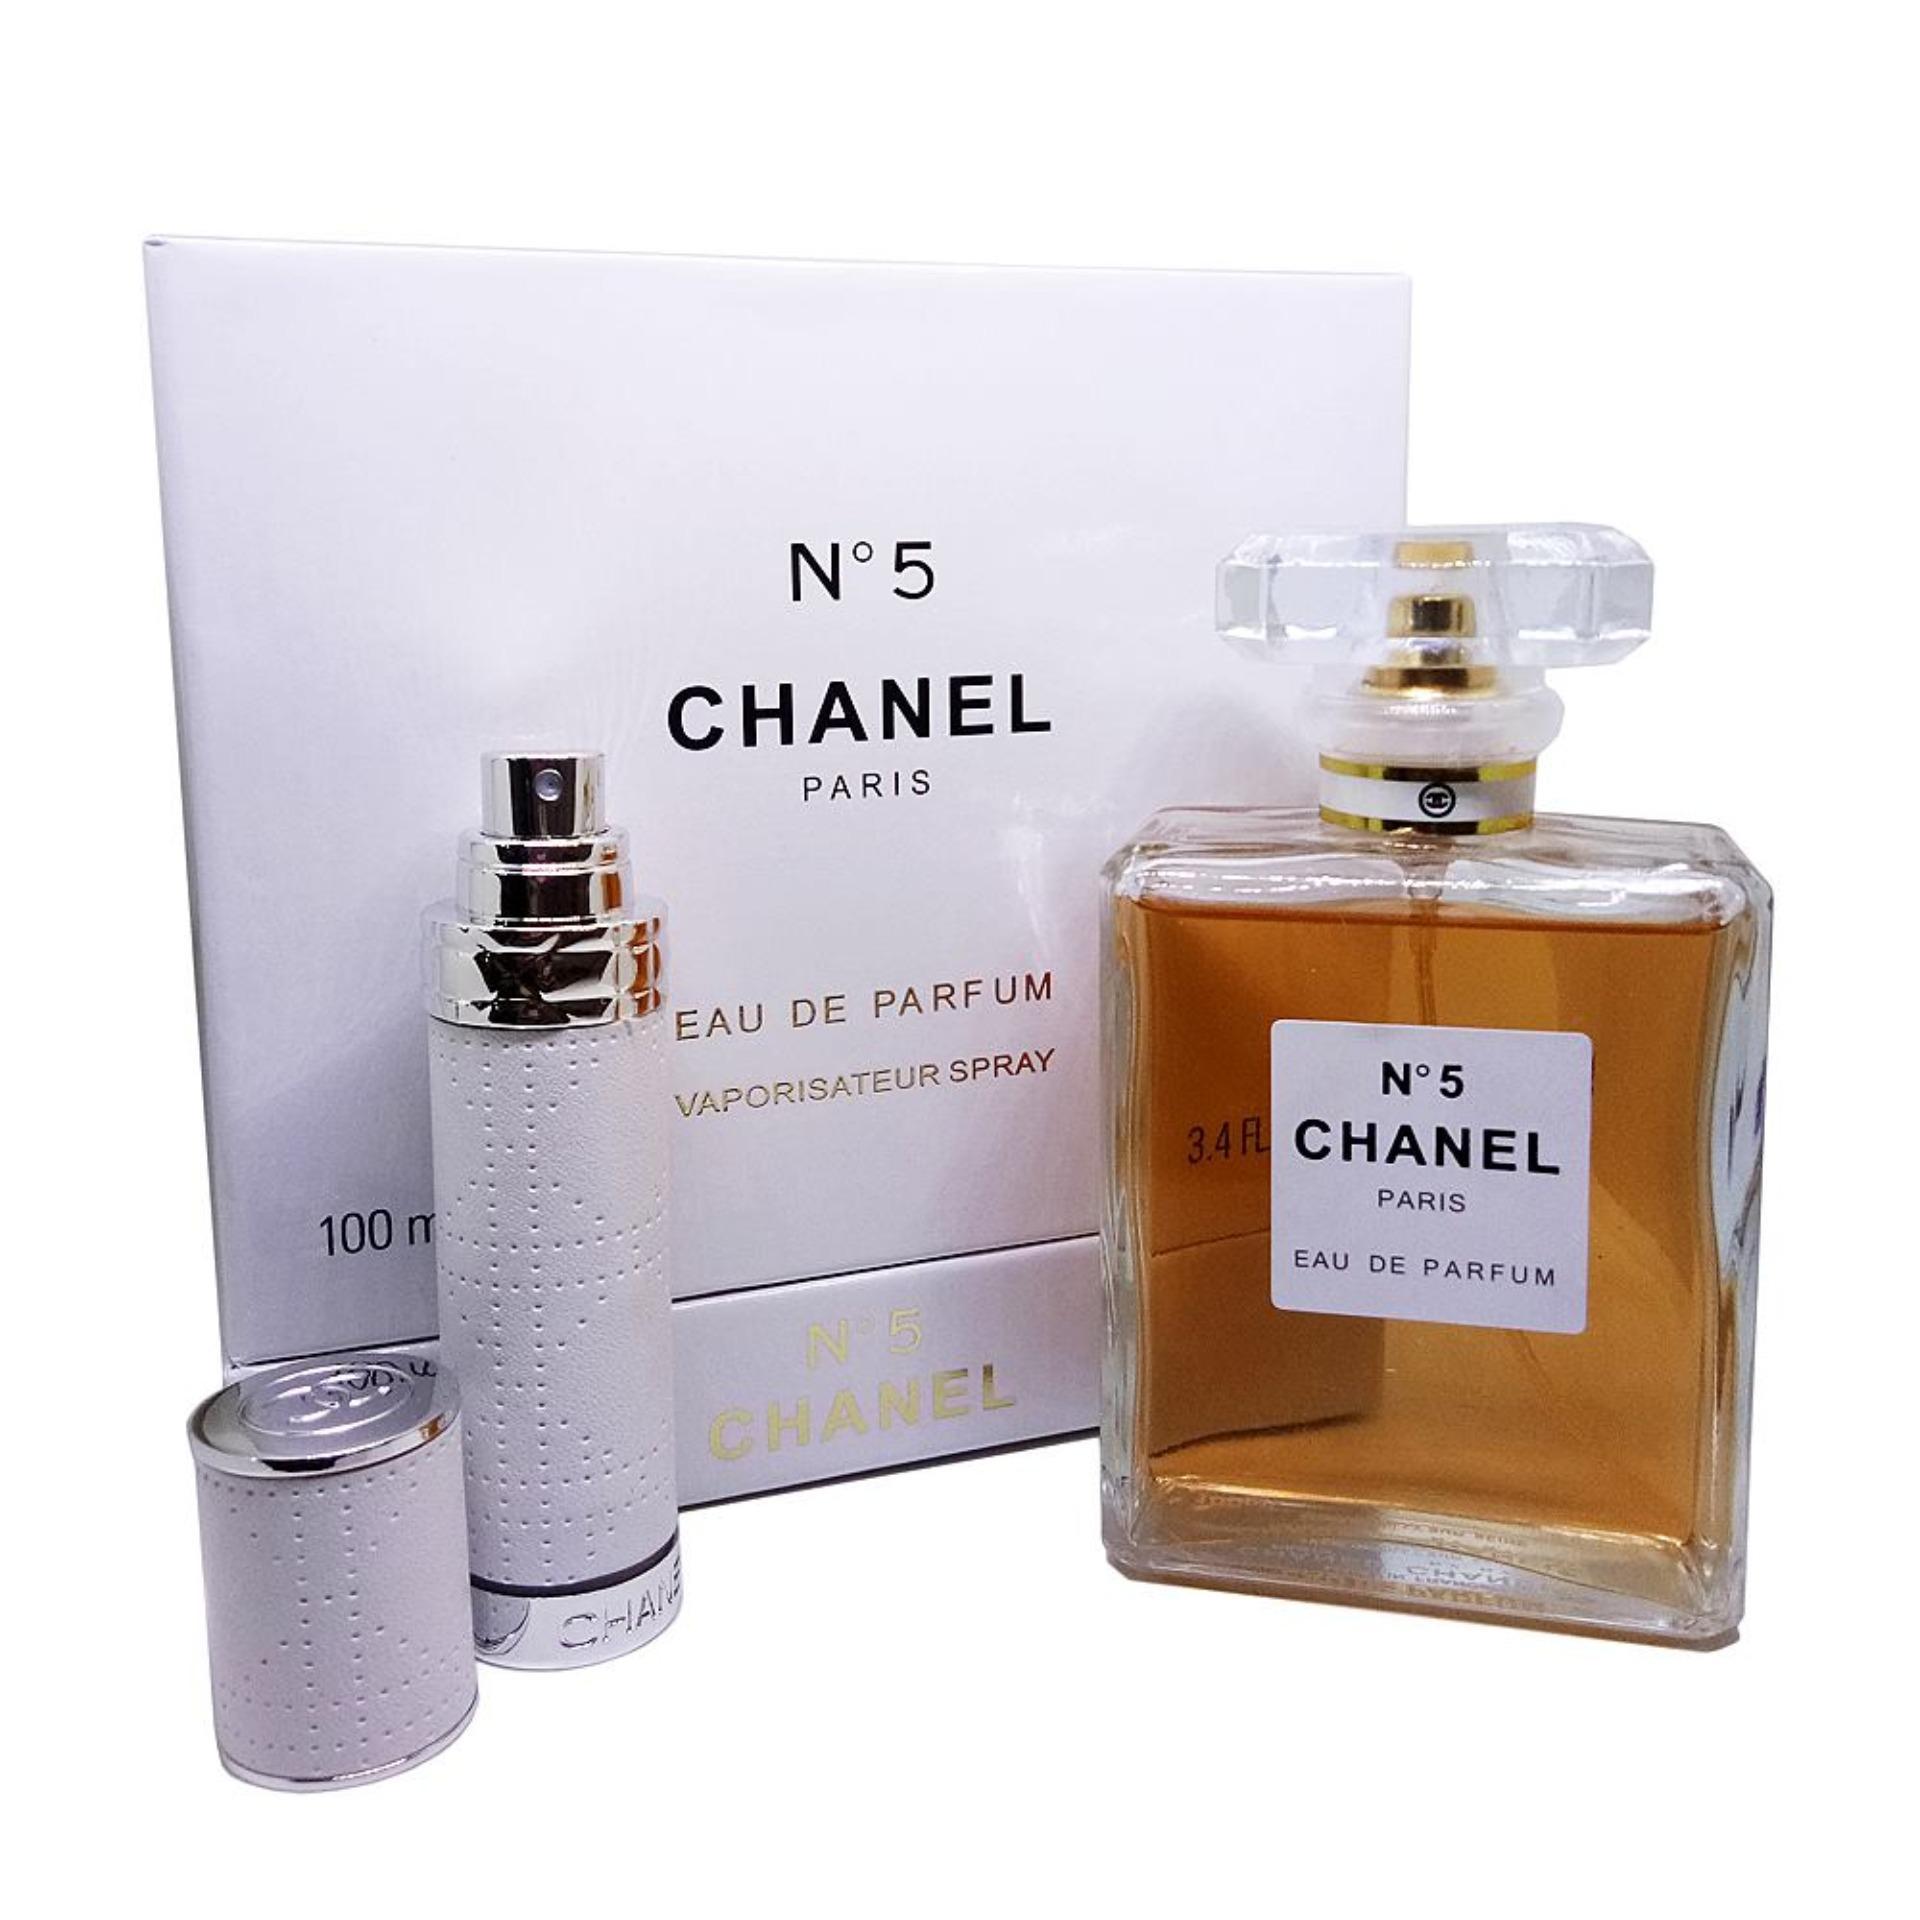 Chanel N5 Eau De Parfum 100ml With Travel Size Atomizer Bottle 75